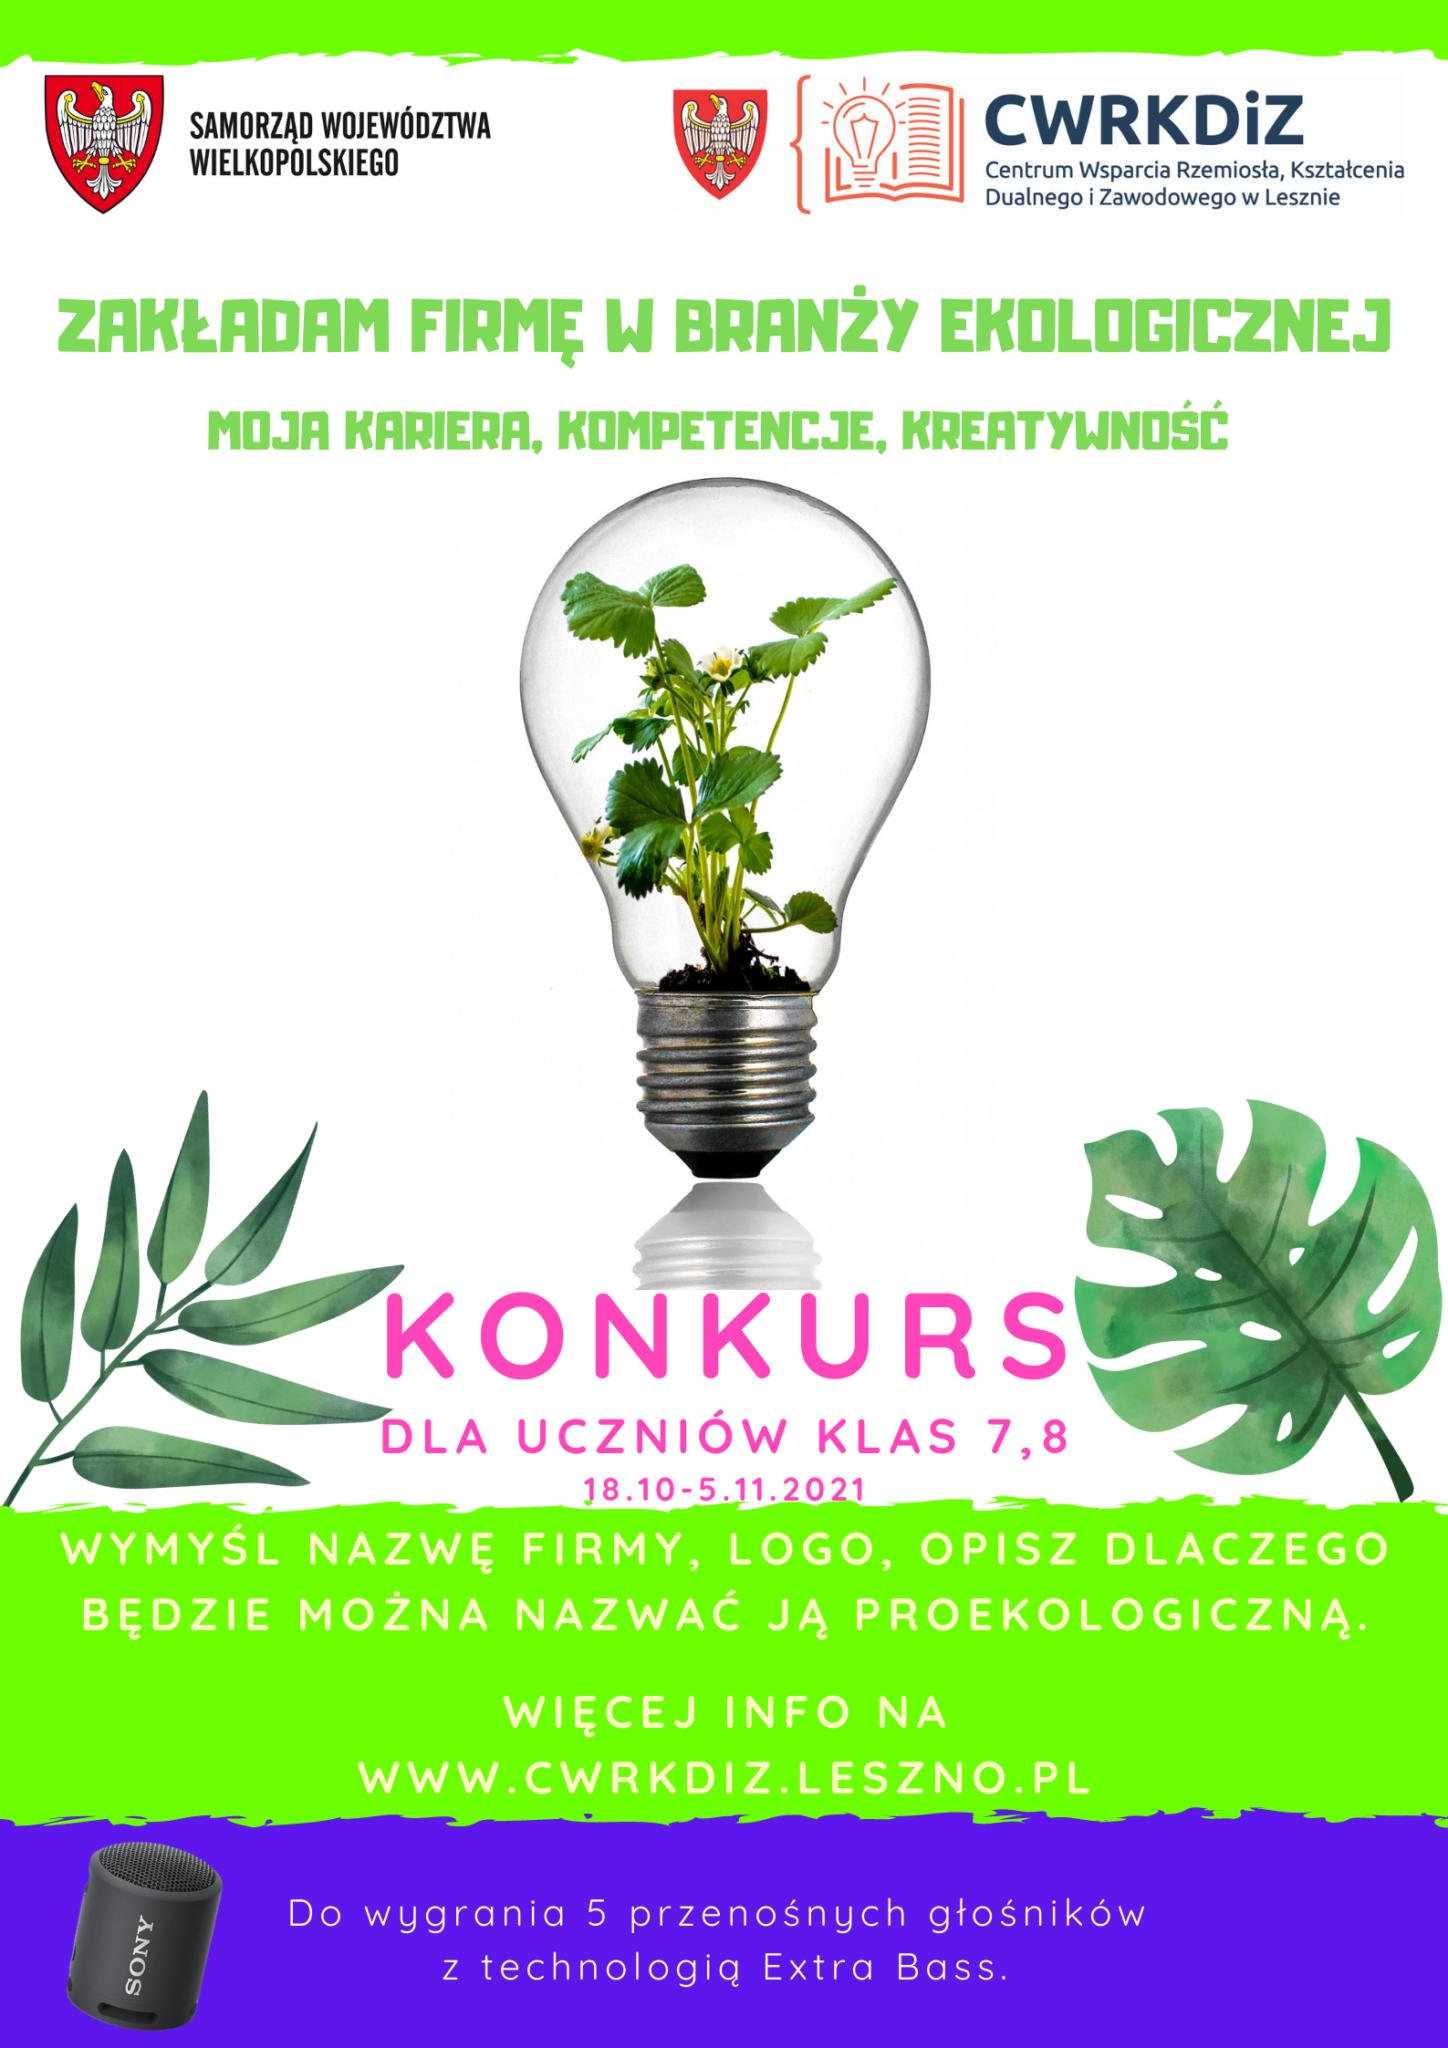 Plakat przedstawia żarówkę w której rośnie roślina. Poza tym widnieją na nim loga organizatora konkursu i Samorządu Województwa Wielkopolskiego oraz kilka krótkich informacji o konkursie.